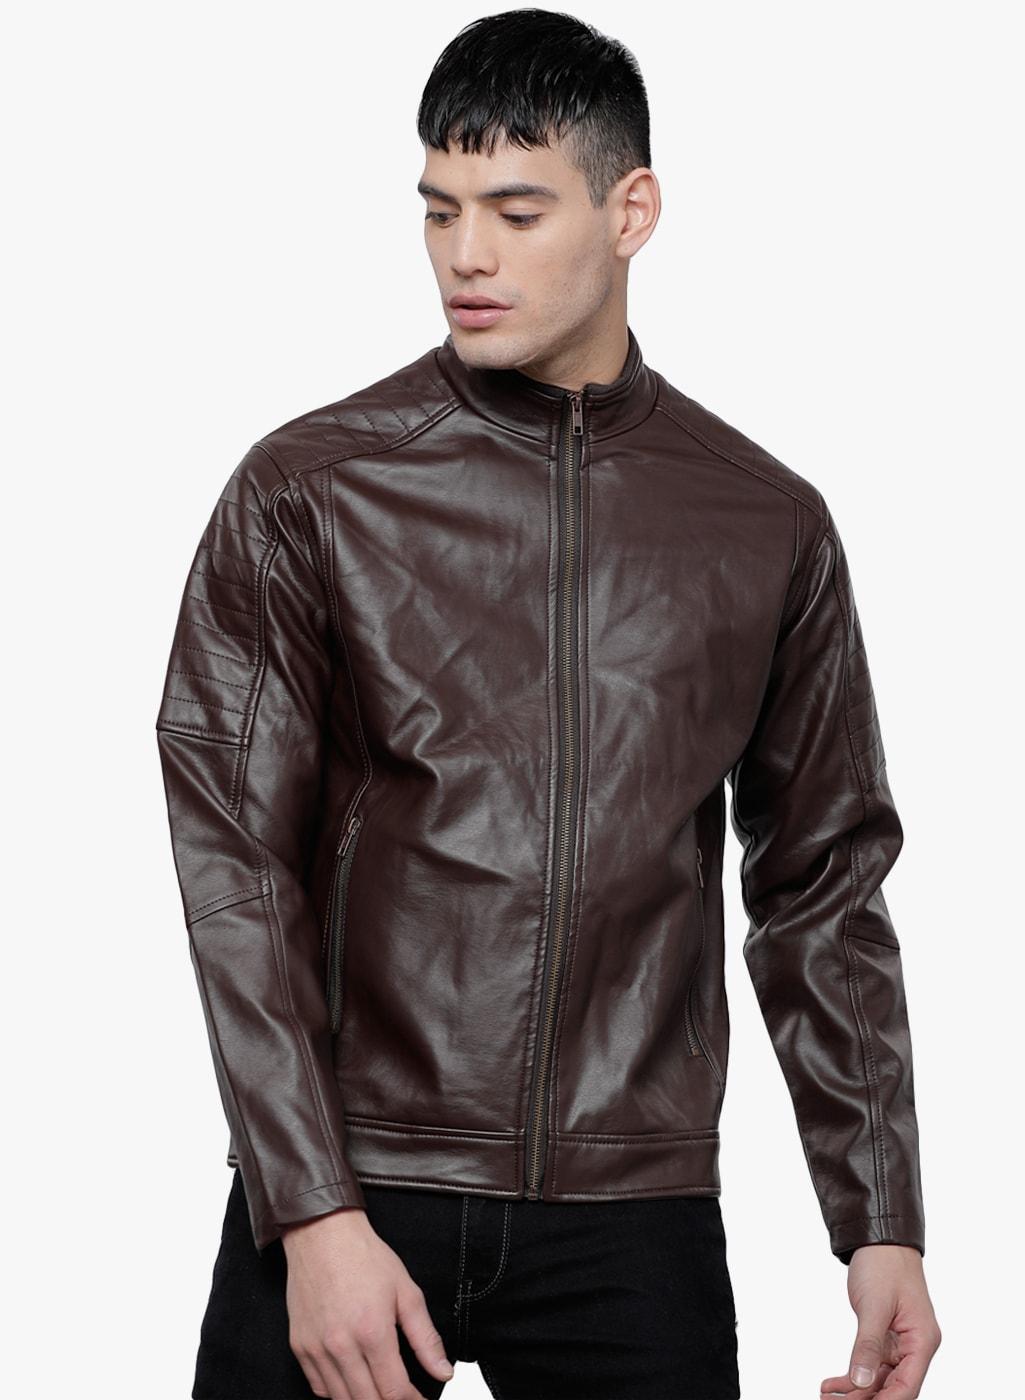 8e8fdc21f Men Winter Wear Leather Jackets - Buy Men Winter Wear Leather ...